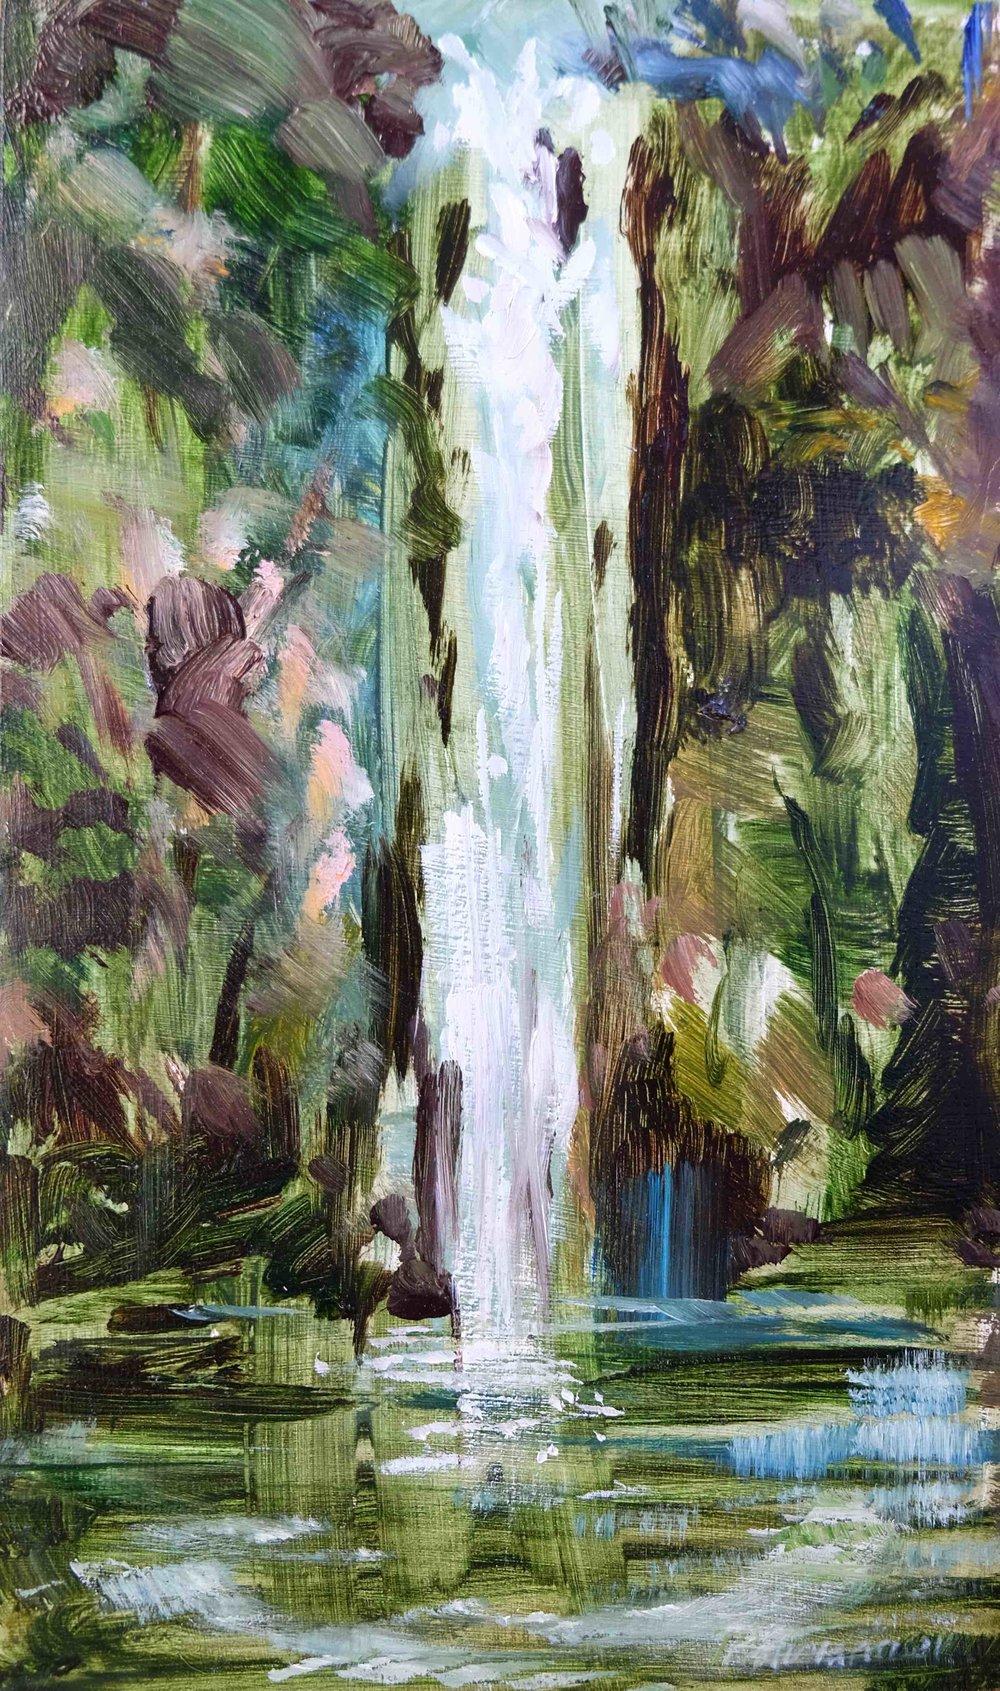 Memory Waterfall #1